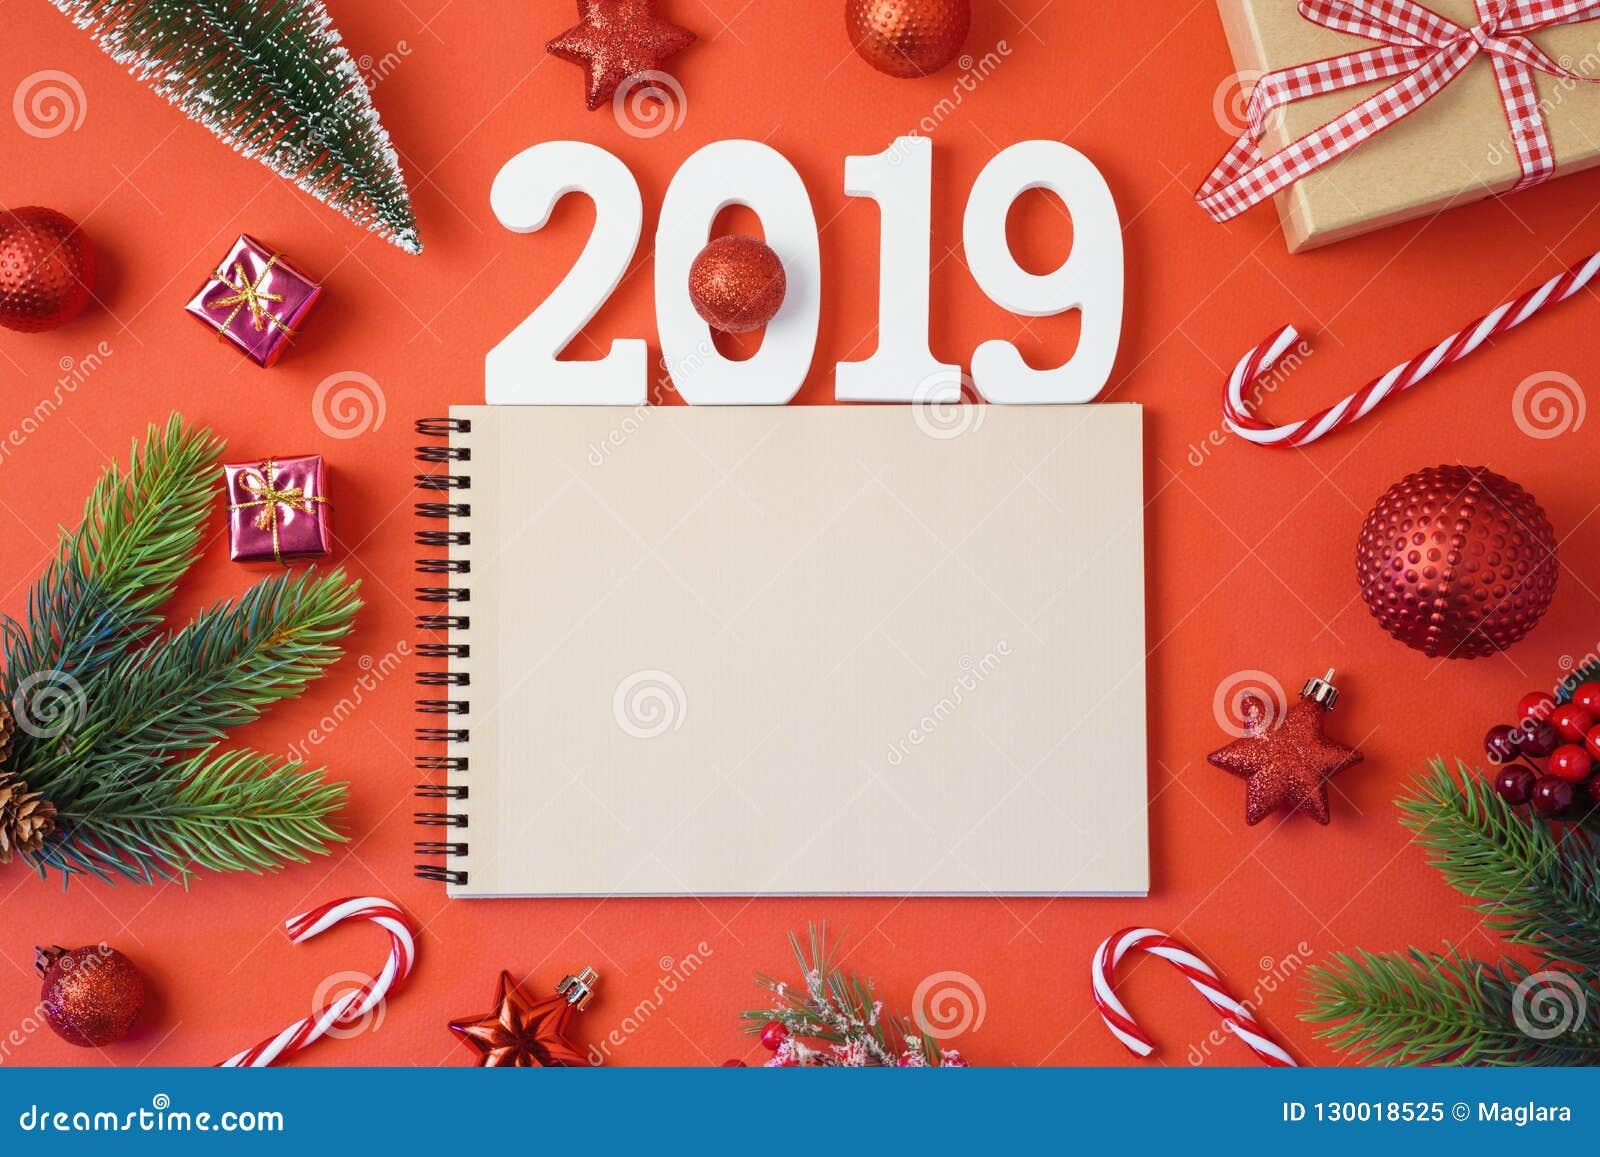 Fundo do feriado do Natal com caderno, 2019 anos novos e de